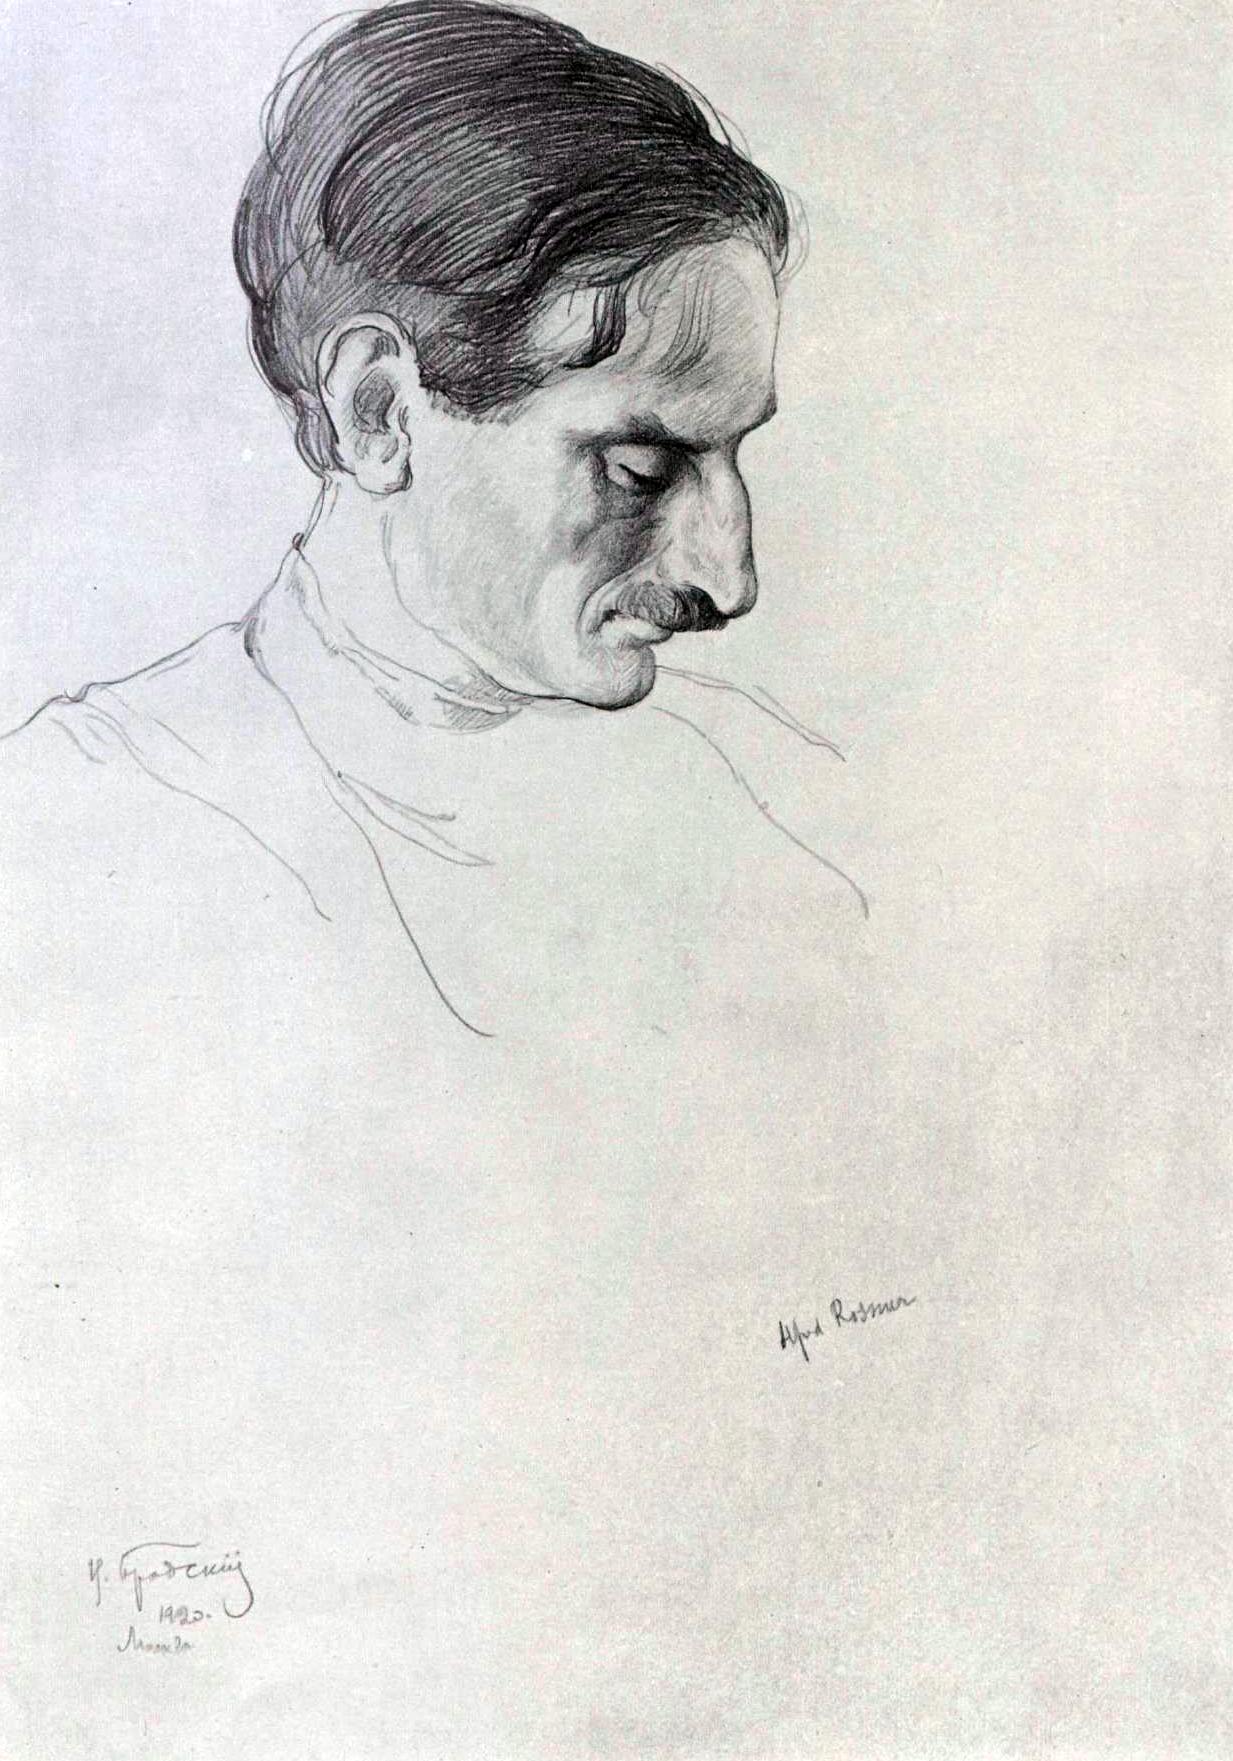 Alfred Rosmer